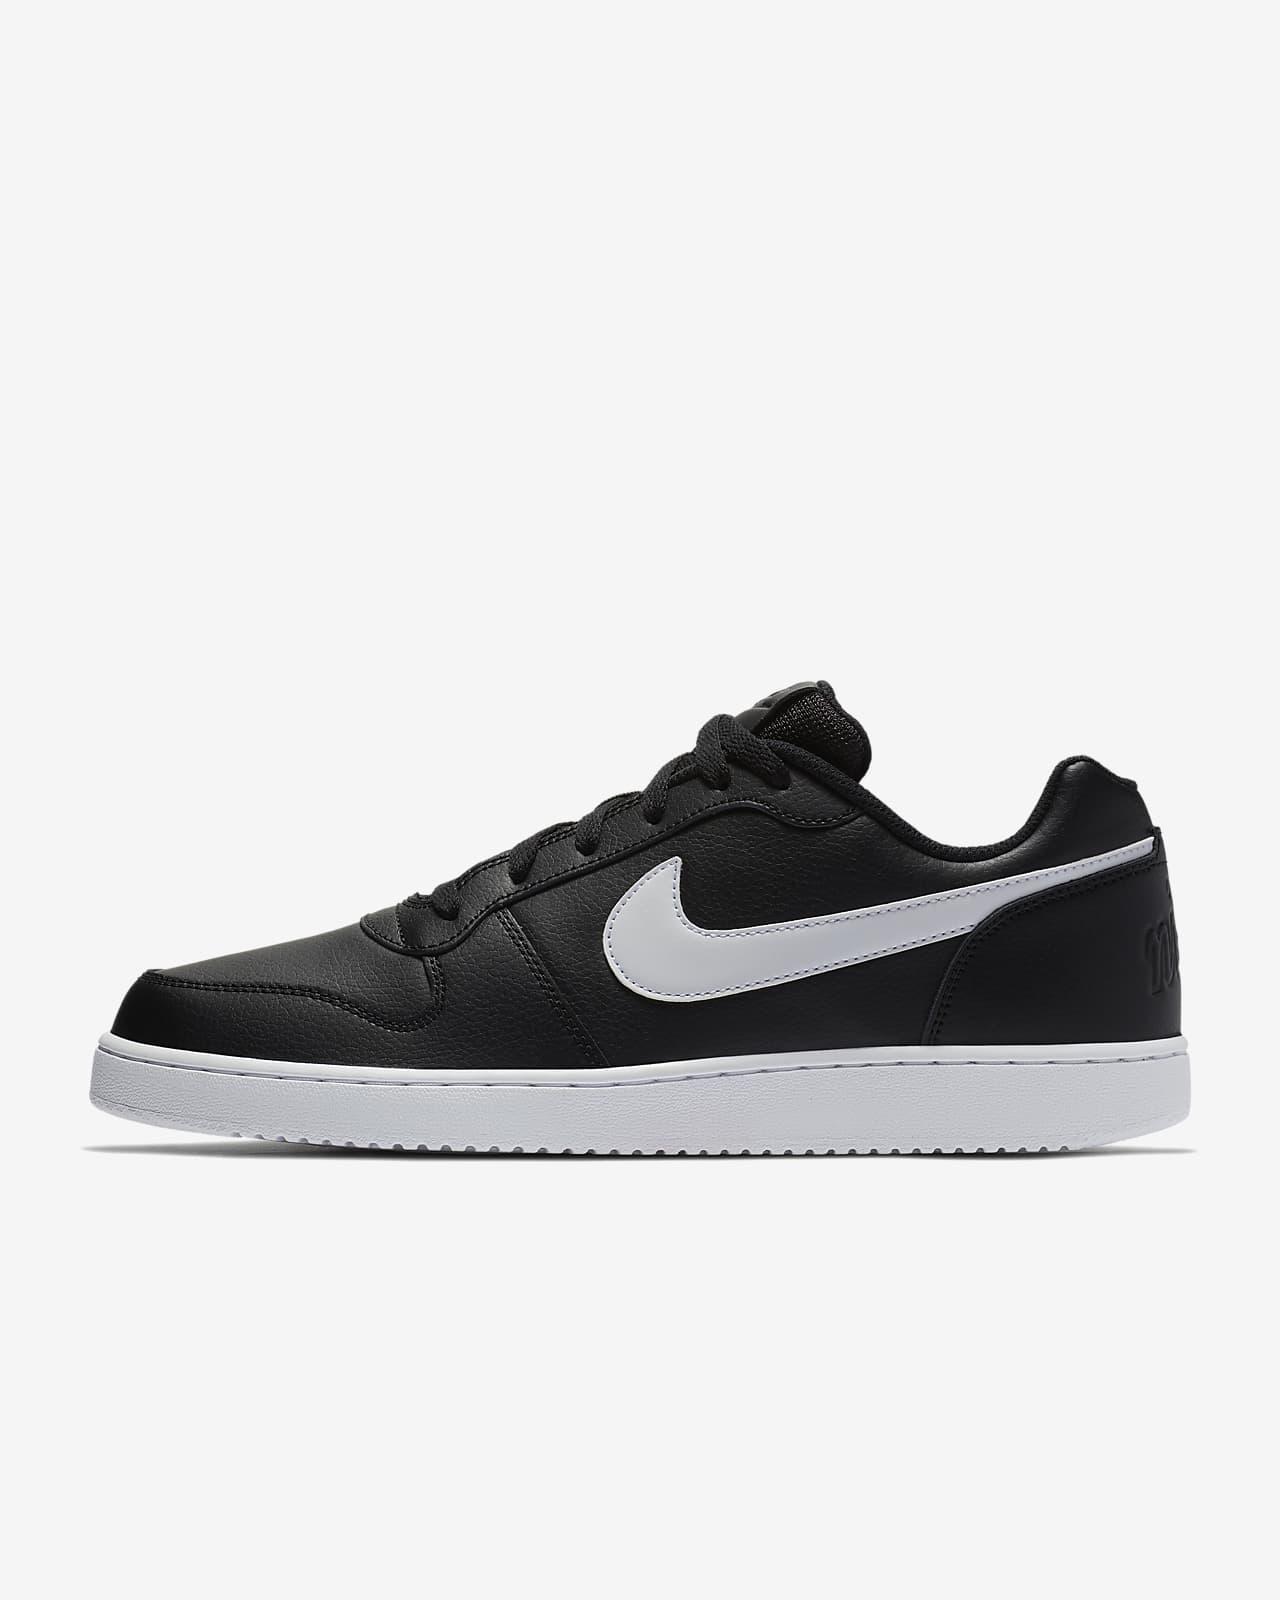 Nike Ebernon Low férficipő. Nike HU